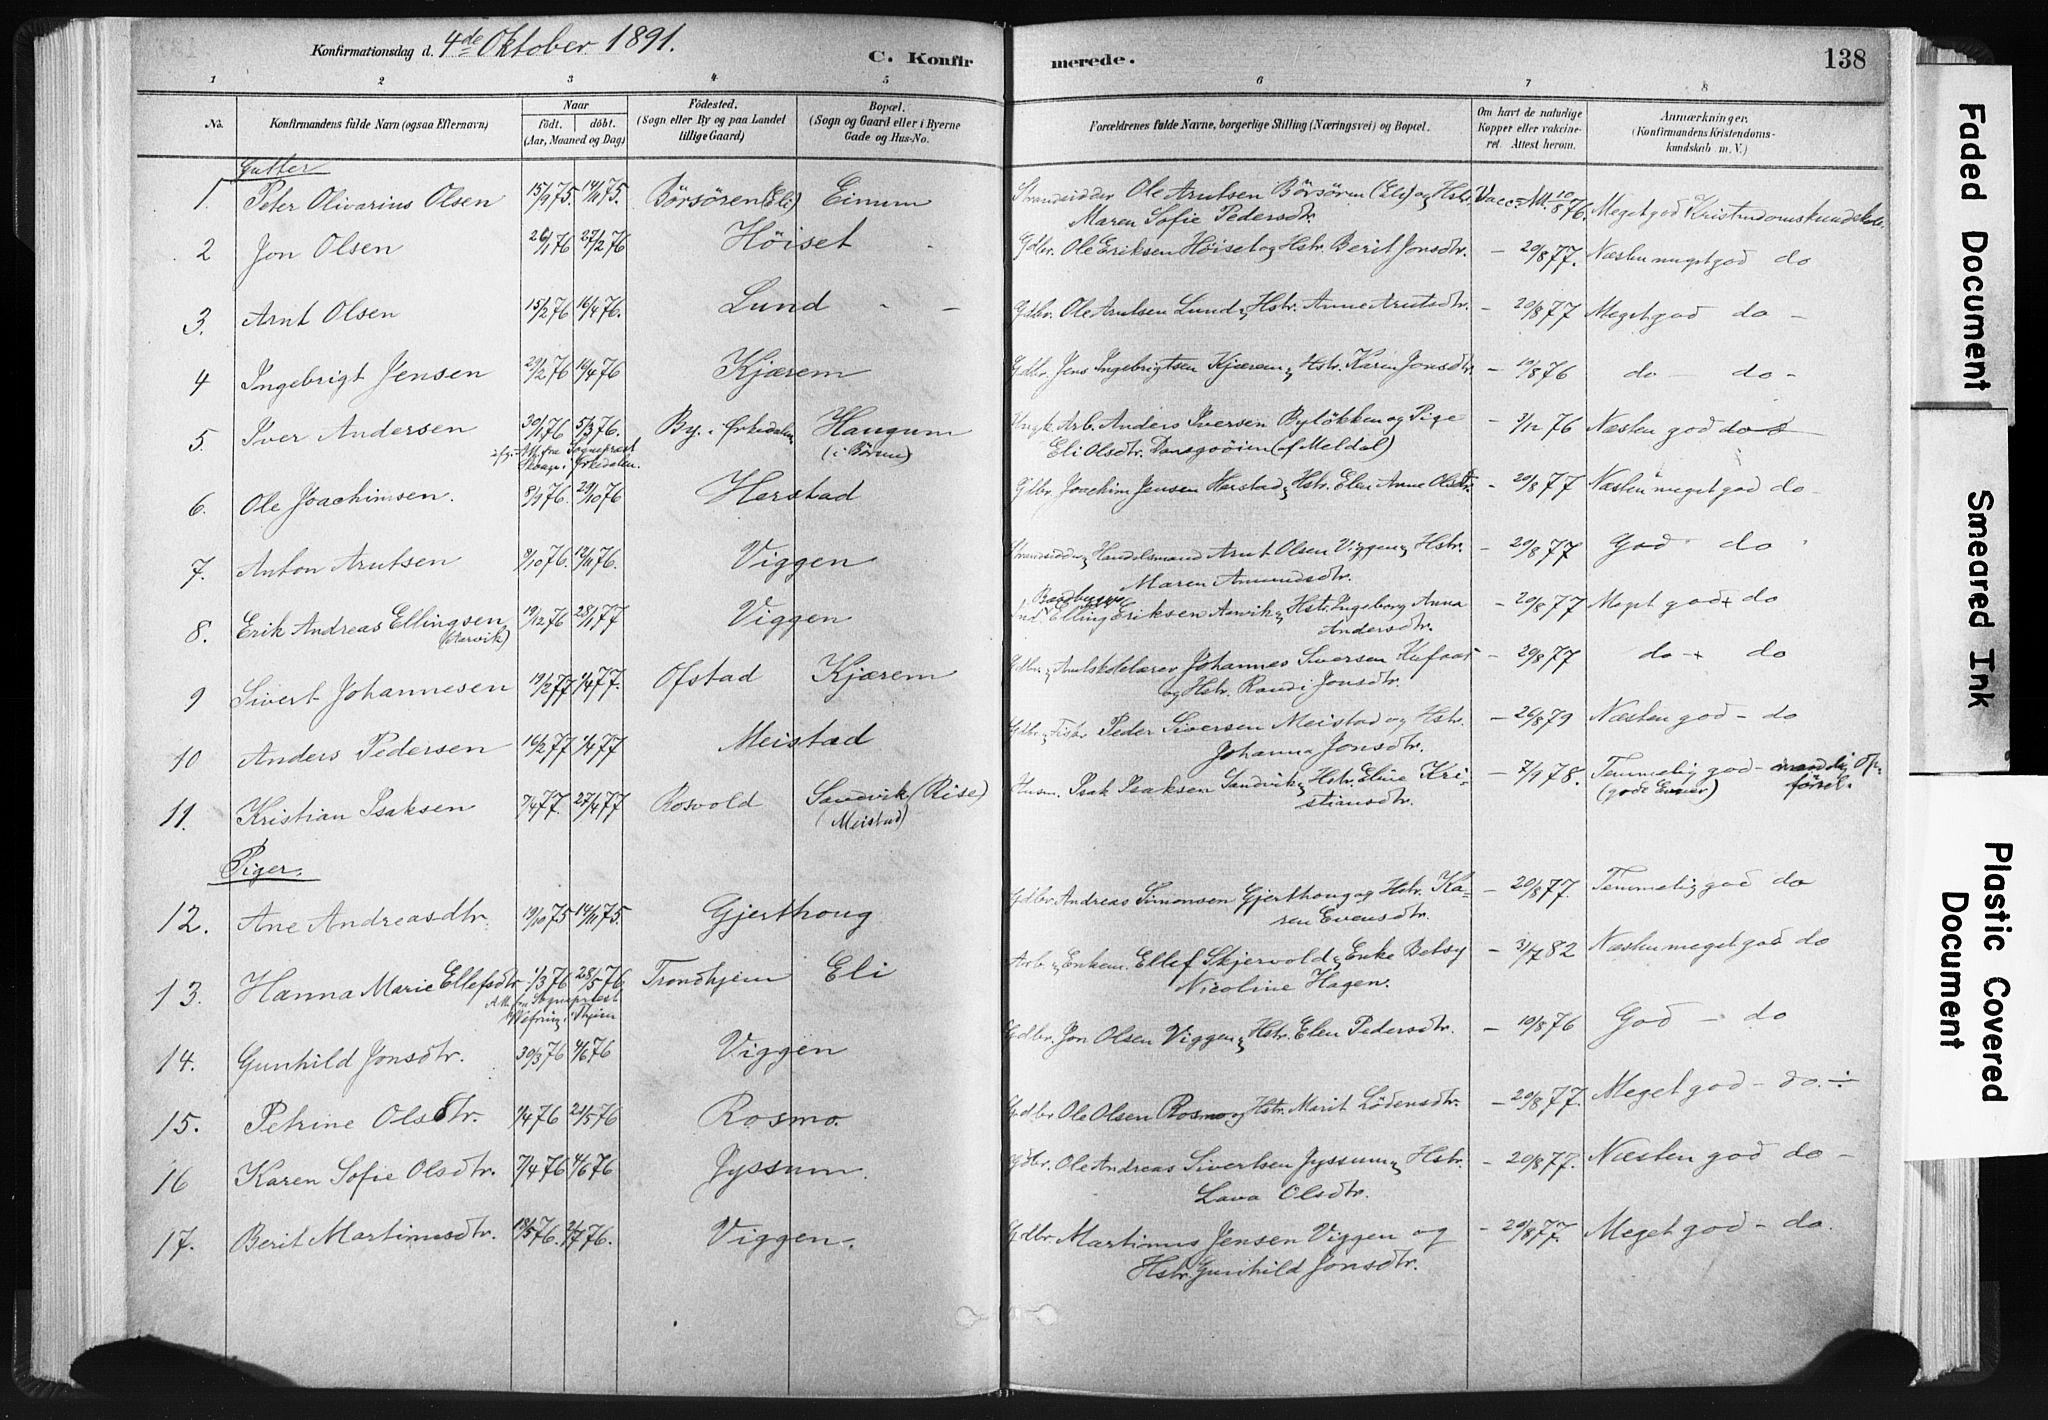 SAT, Ministerialprotokoller, klokkerbøker og fødselsregistre - Sør-Trøndelag, 665/L0773: Ministerialbok nr. 665A08, 1879-1905, s. 138